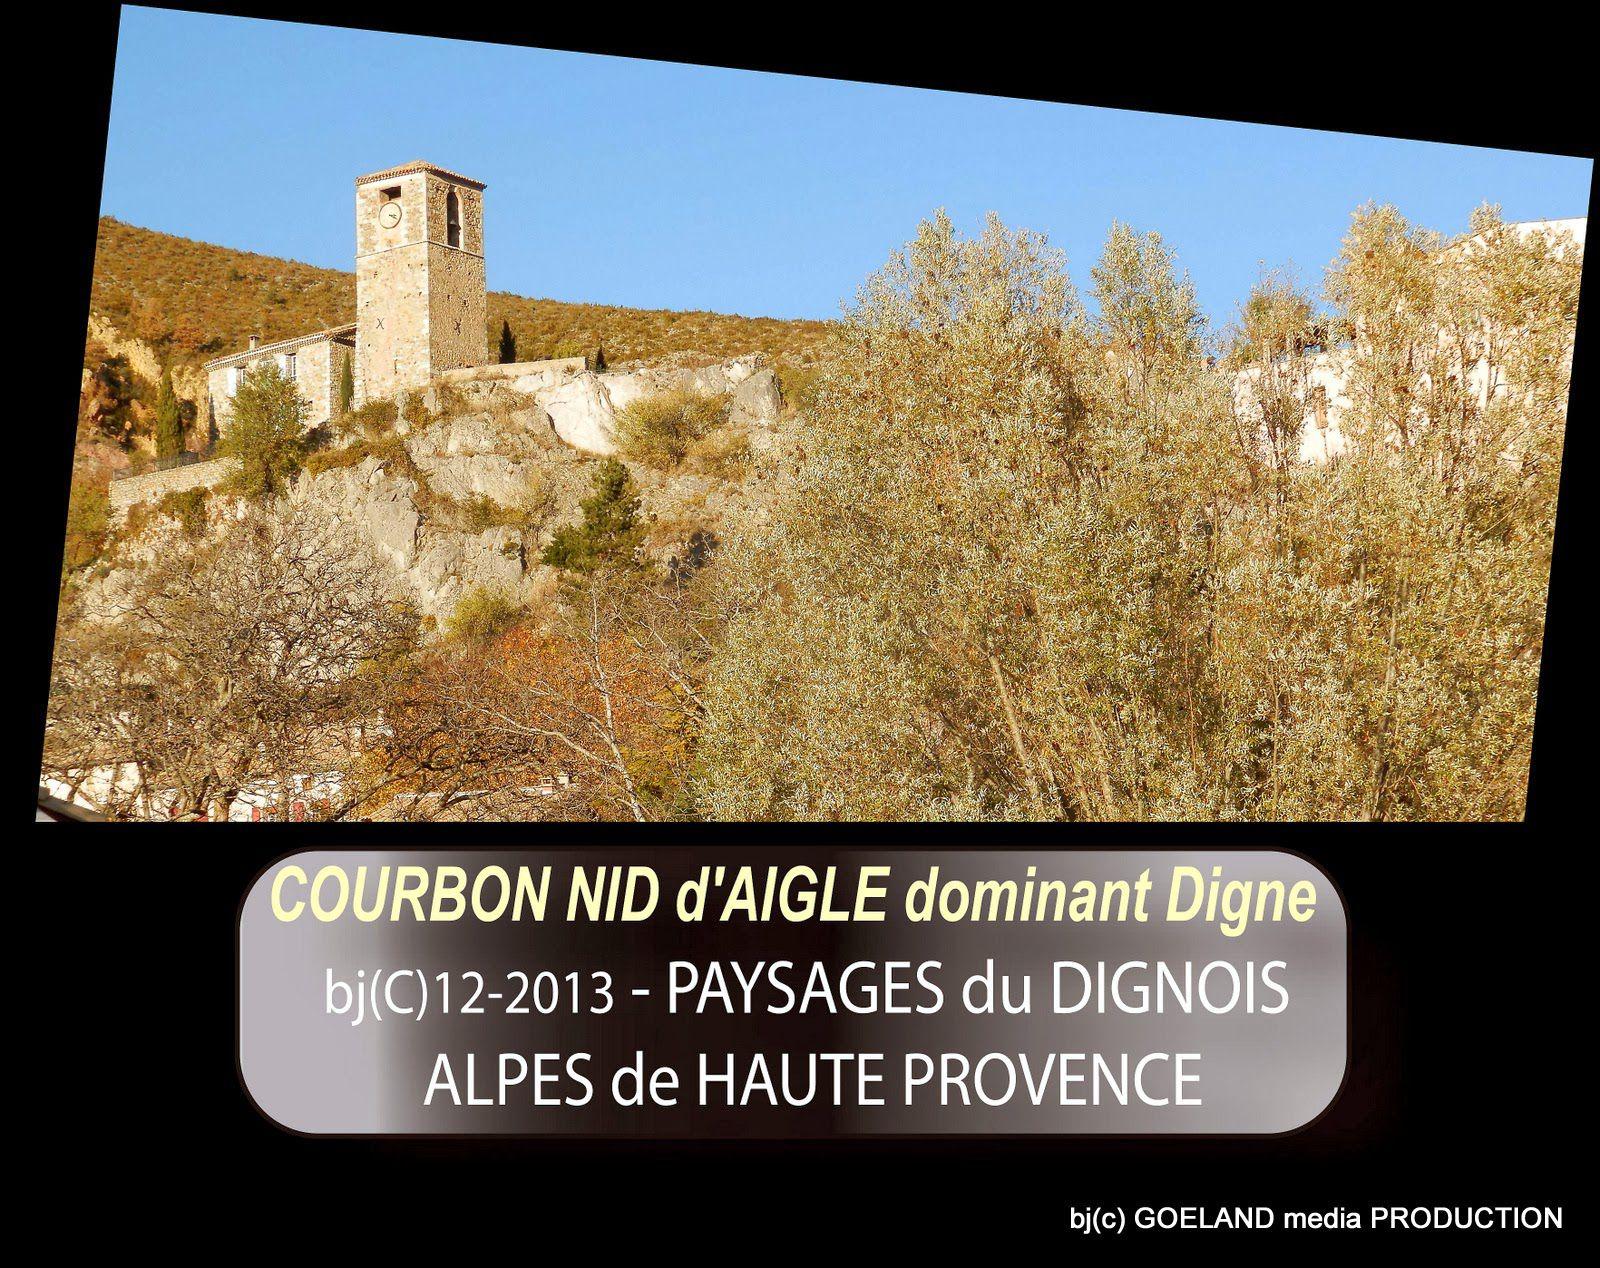 COURBON - NID d'AIGLE du VAL de BLEONE - PhotosBJ(c) - Digne-les-Bains - Alpes de Haute Provence